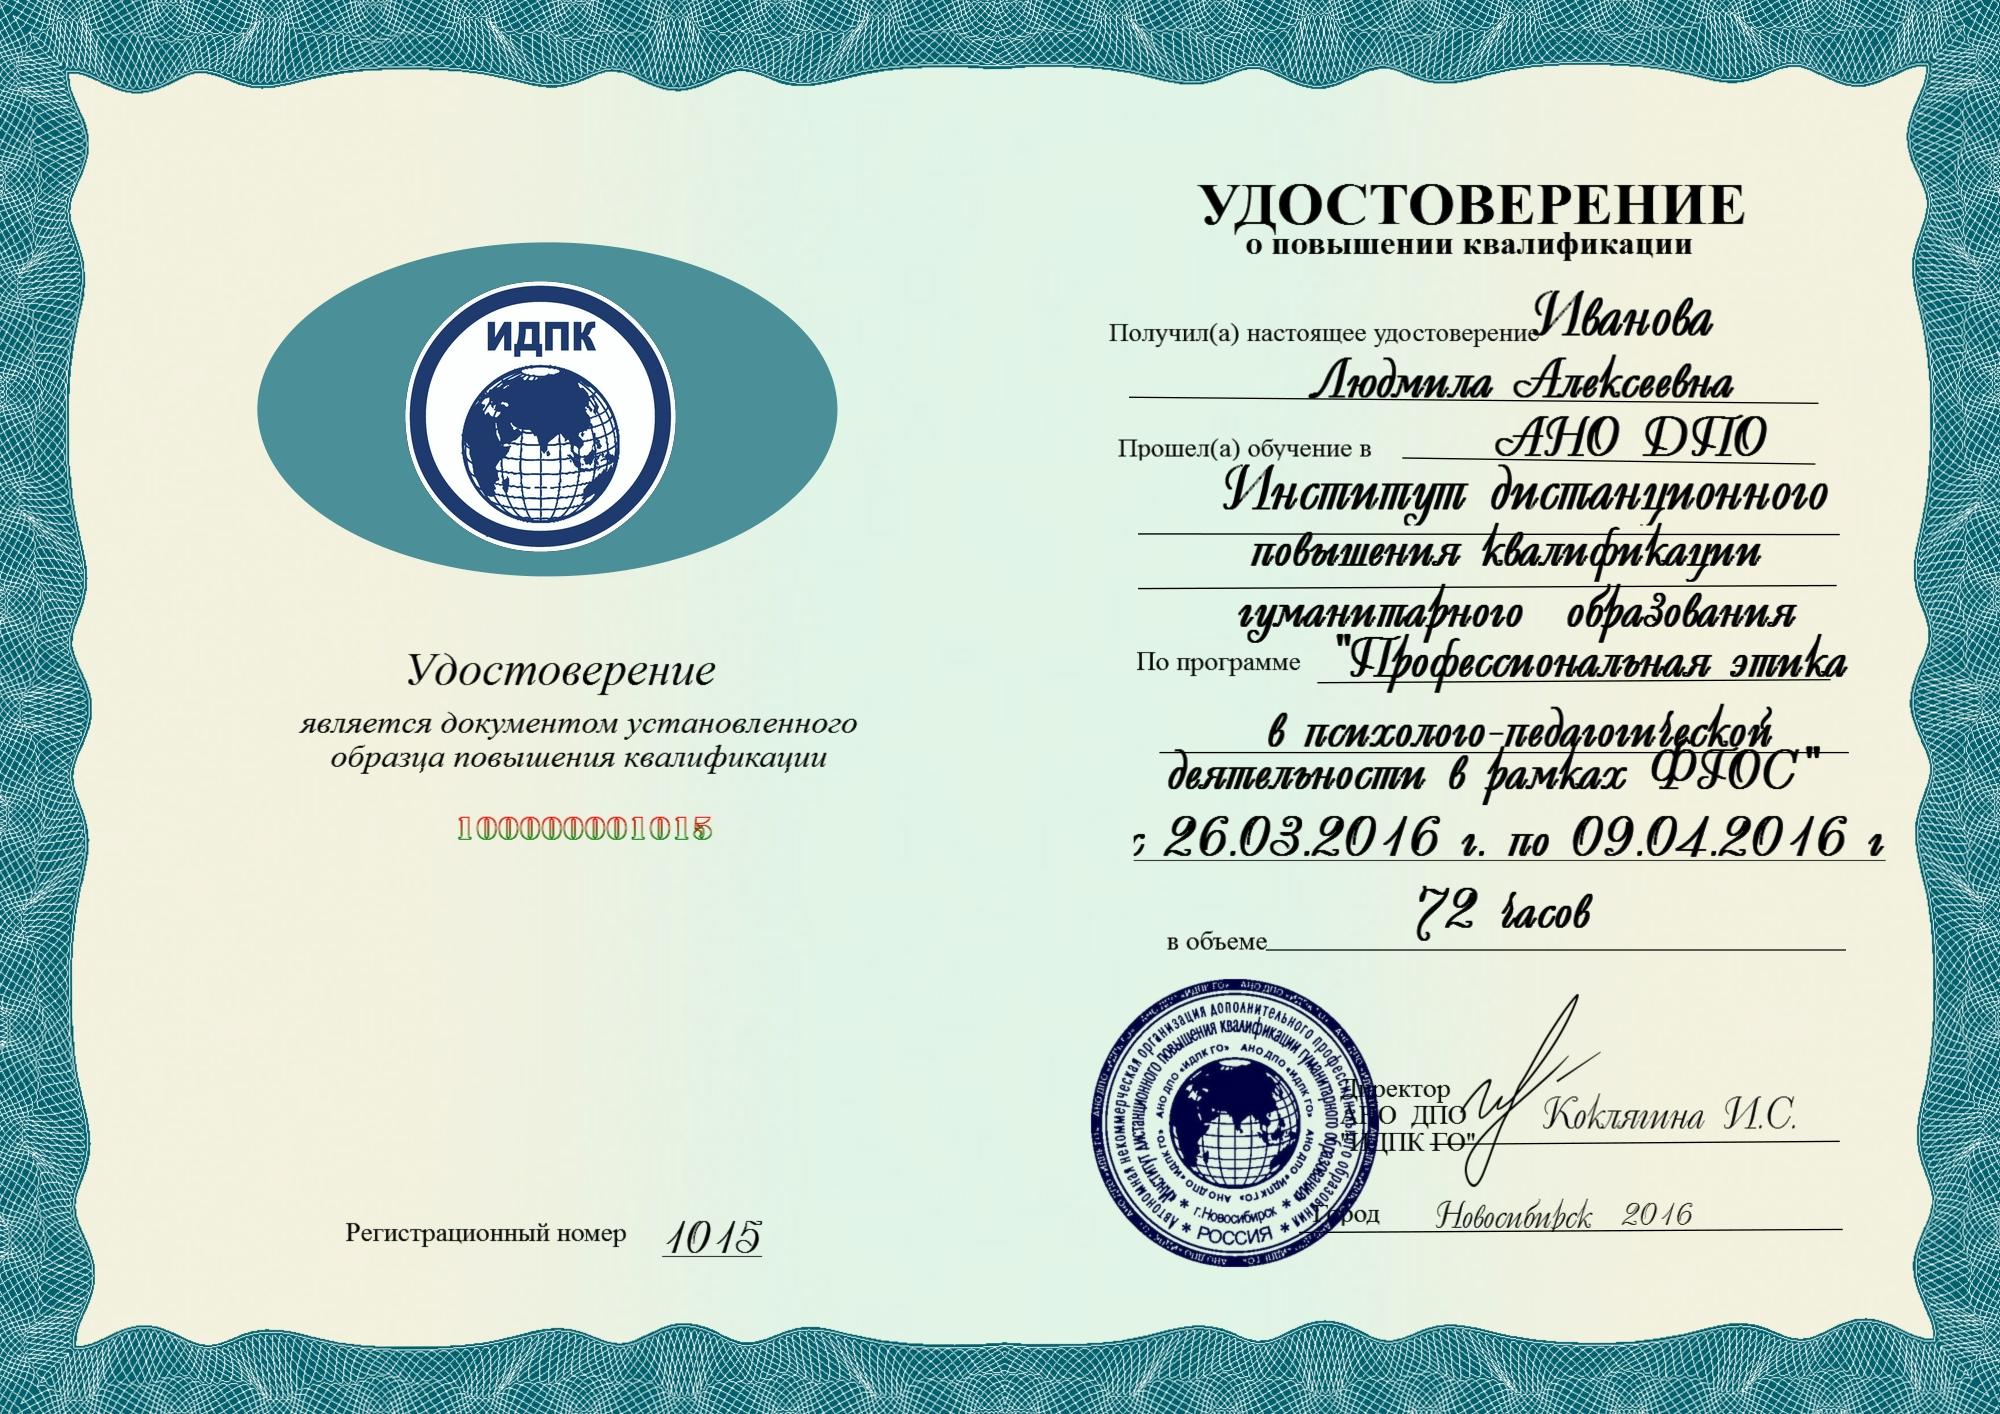 Образец эл. удостоверения